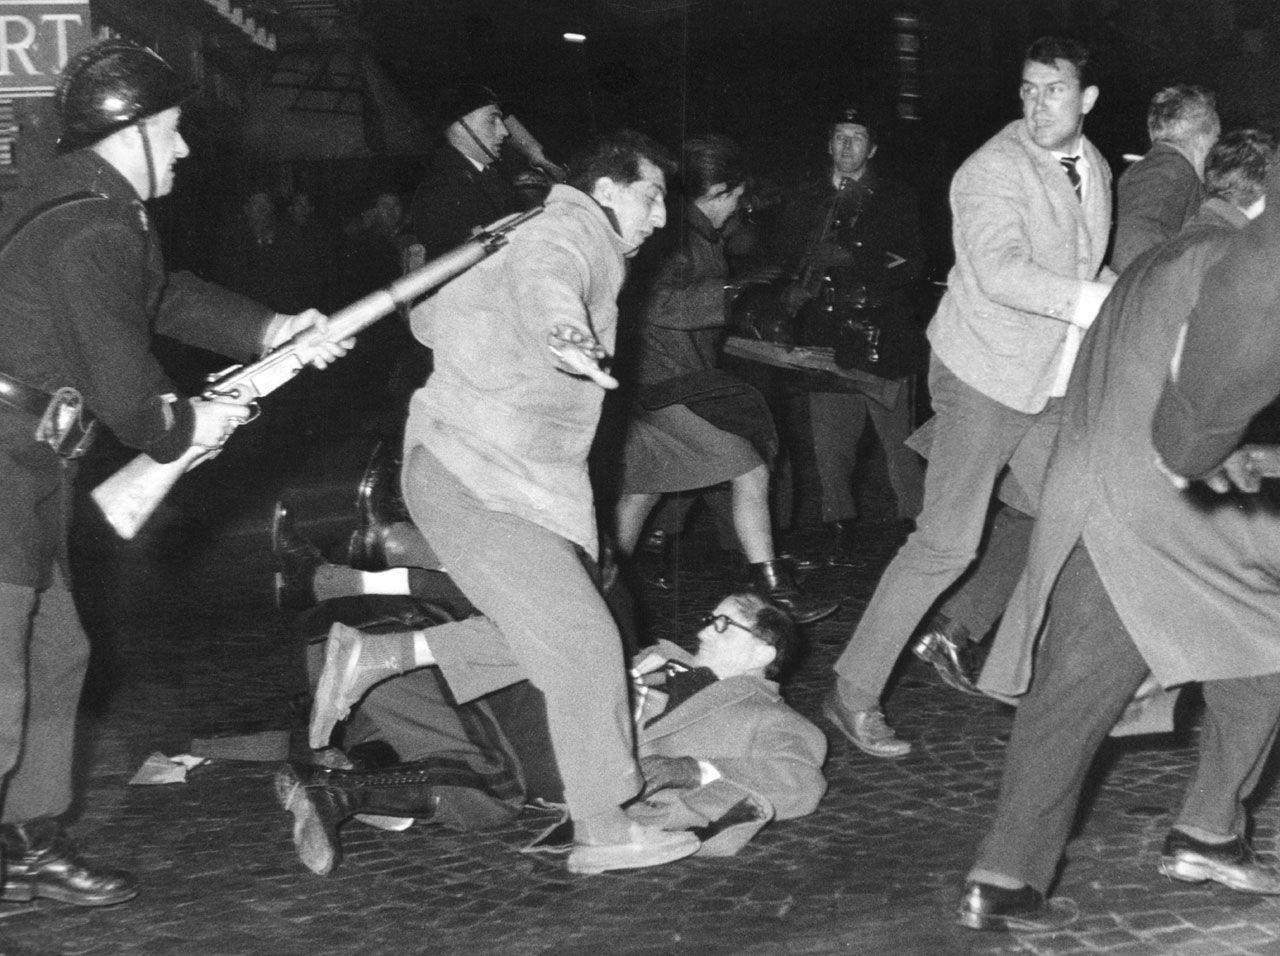 Am 19. Dezember 1961 kommt es in Paris bei einer nicht genehmigten Demonstration von Gewerkschaften und linken Gruppierungen zu tätlichen Auseinandersetzungen – rund 100 Demonstranten und 34 Polizisten werden verletzt. (picture alliance/dpa-Report/UPI)